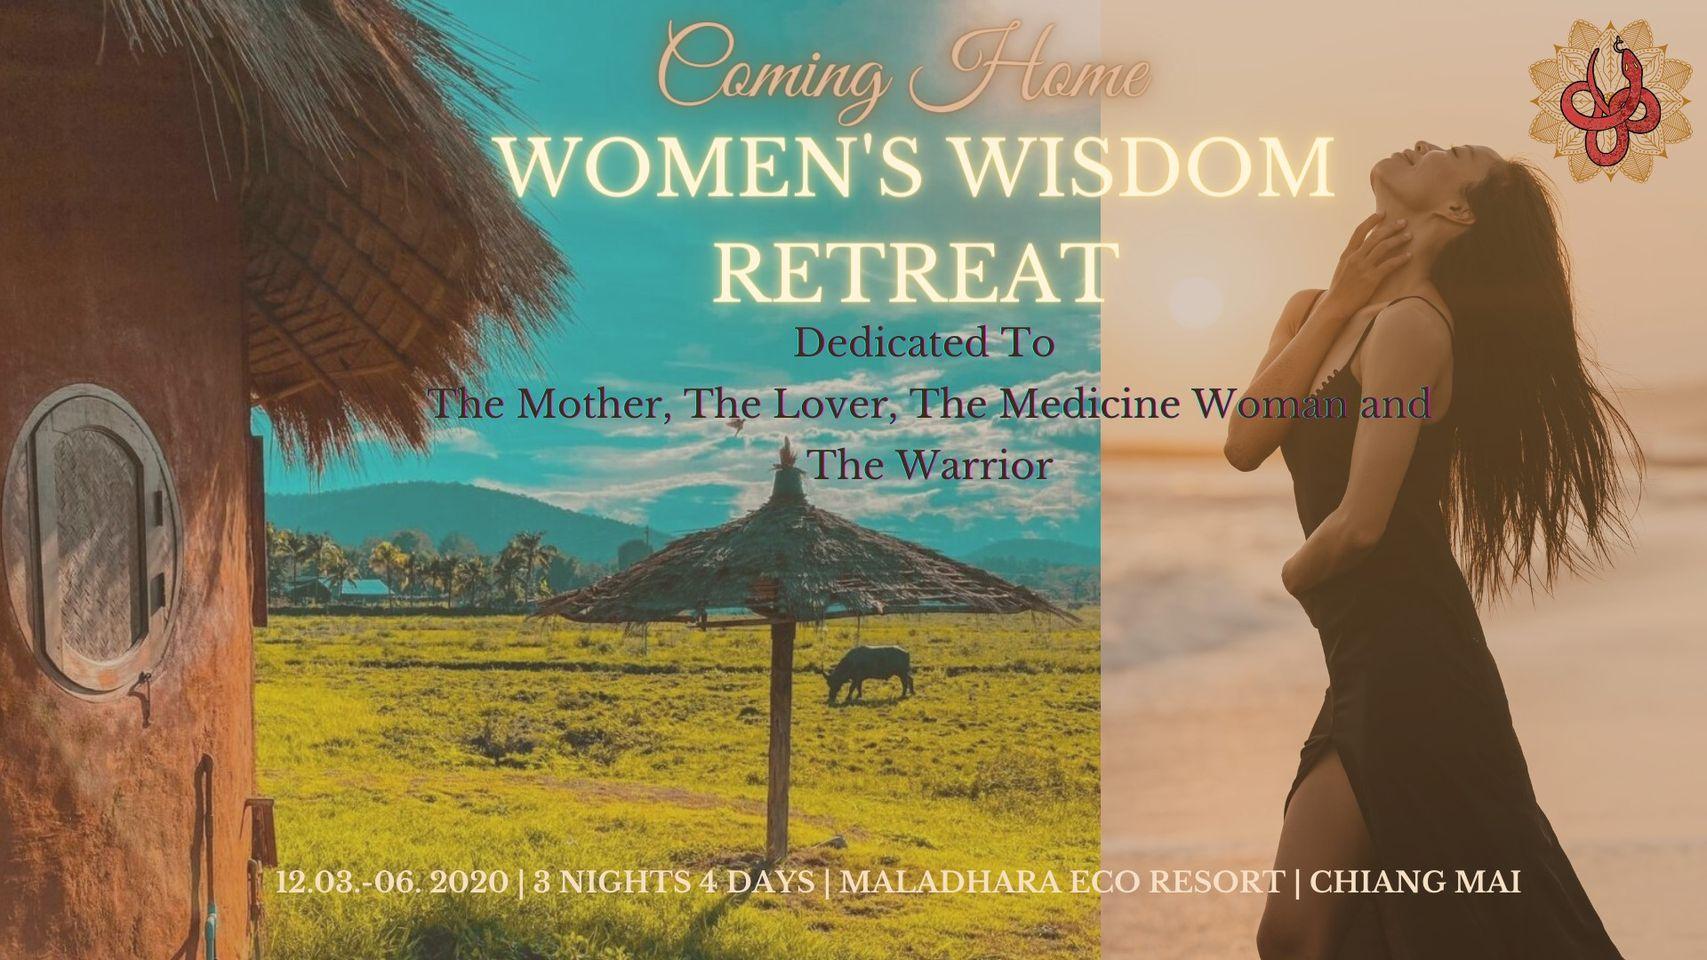 Women's Wisdom Retreat Chiang Mai Thailand